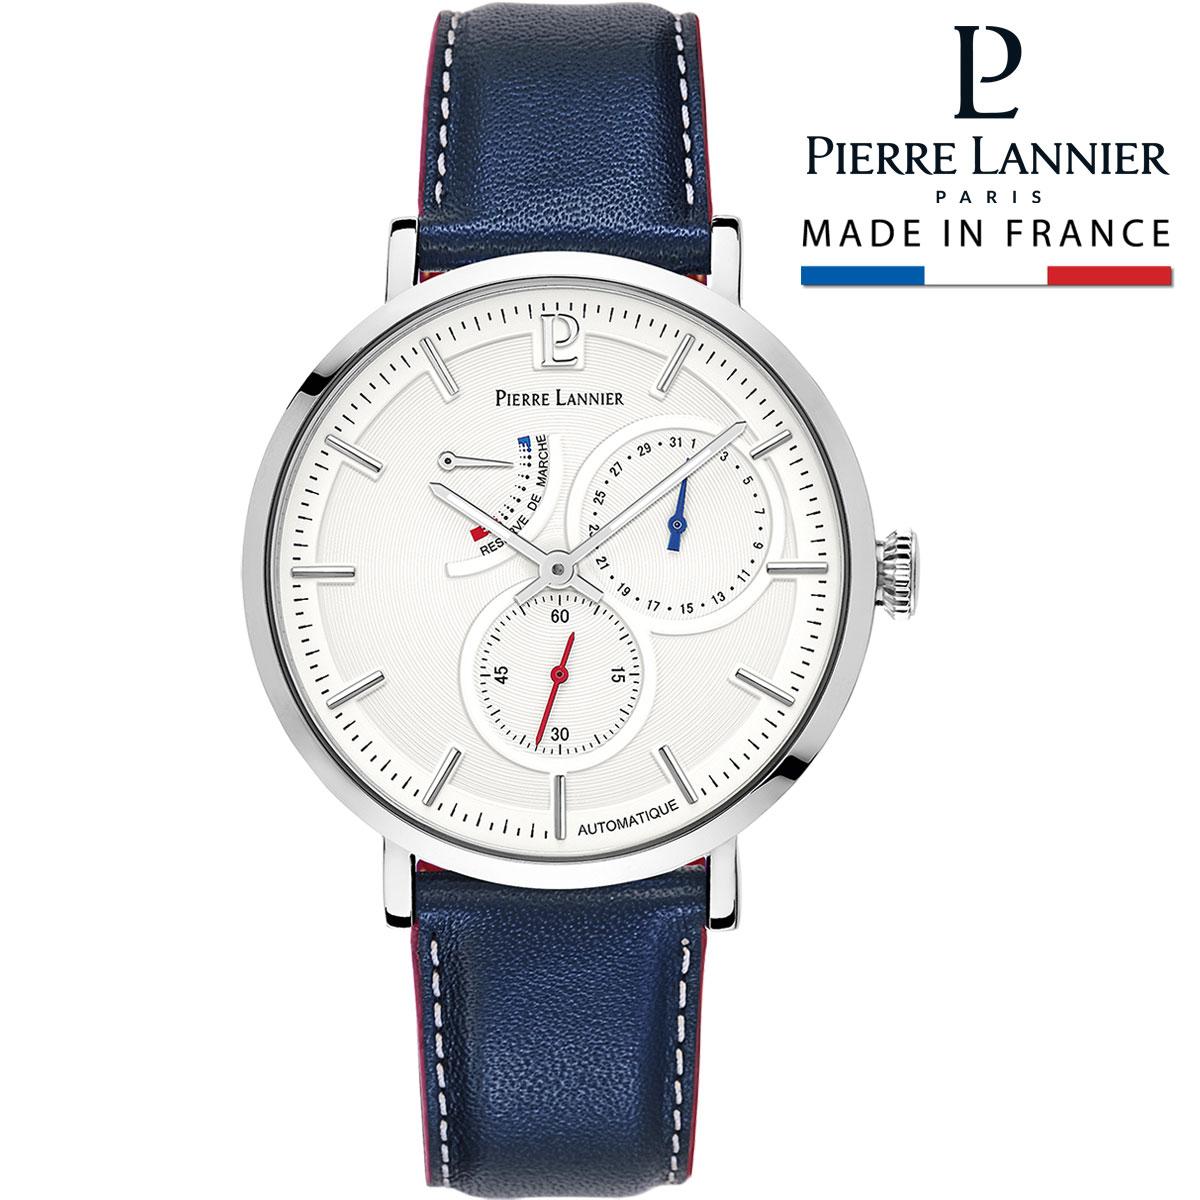 腕時計 メンズ ブランド ピエールラニエ オートマティック コレクション レザーベルト 牛革 パワーリザーブ 日付 ブラウン 機械式 自動巻き スケルトン フランス 防水<BR>p327b106 プレゼント ギフト 父の日 お祝い